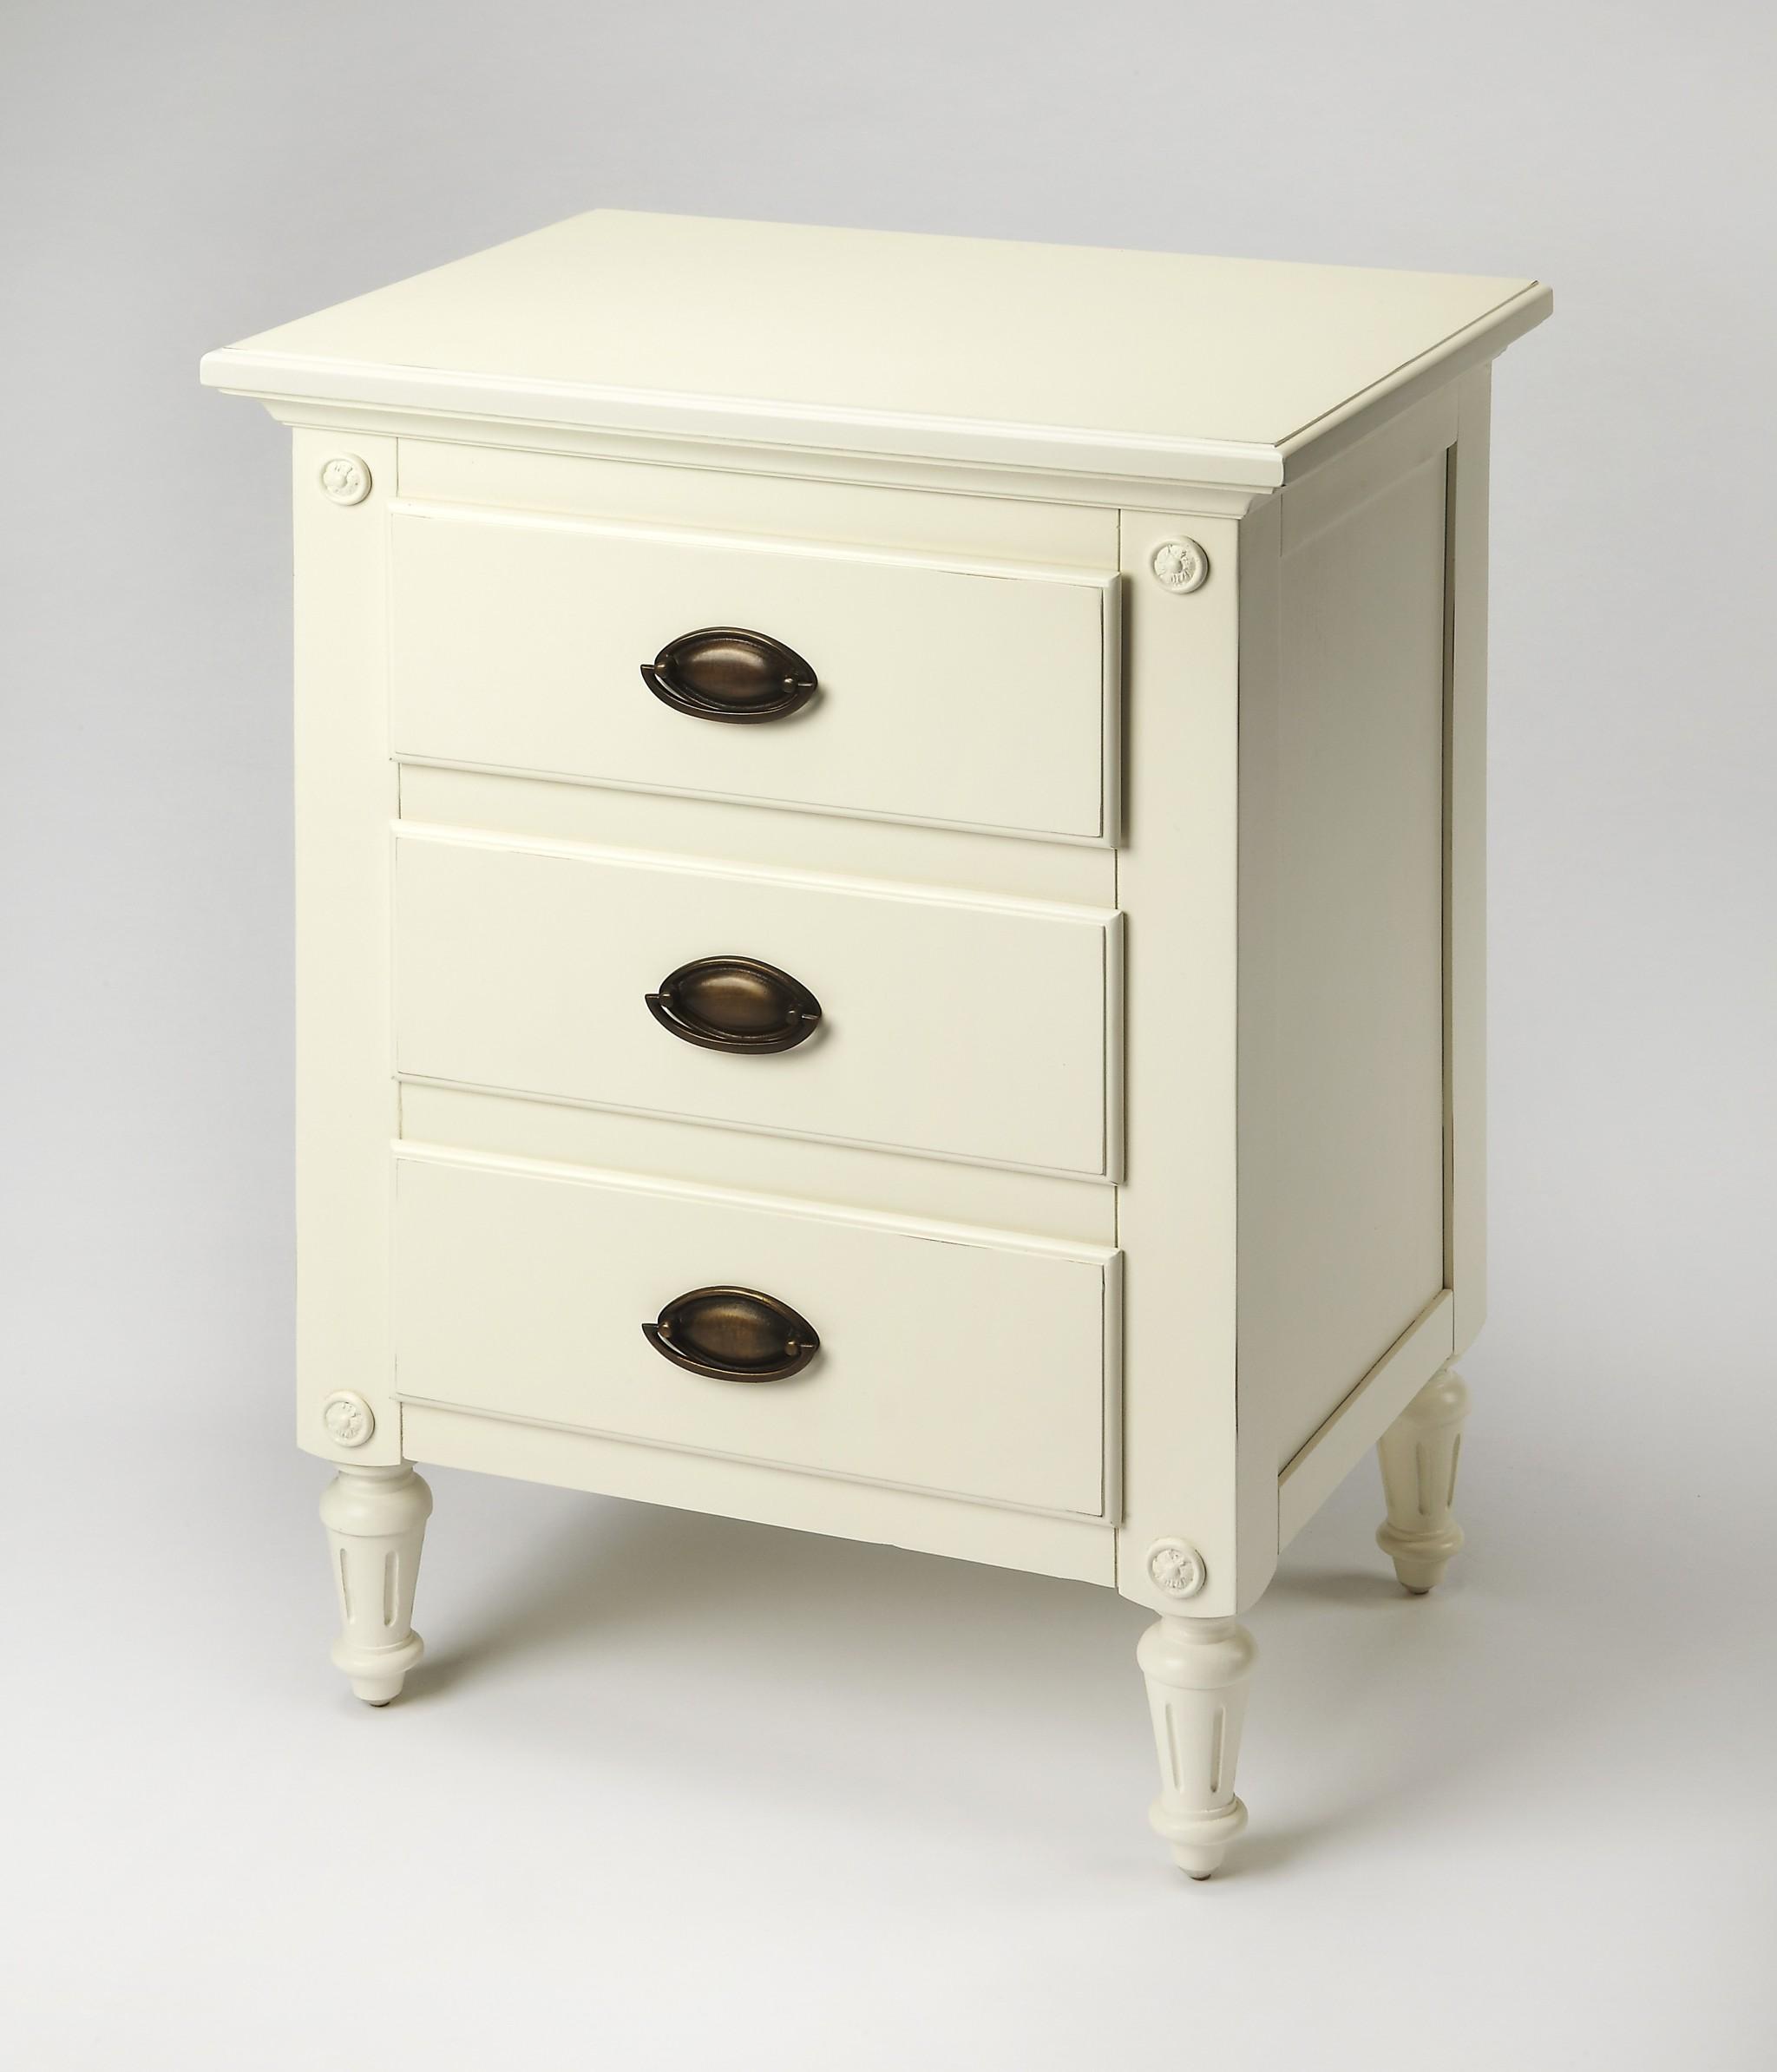 Mahogany White 3 Drawer Nightstand